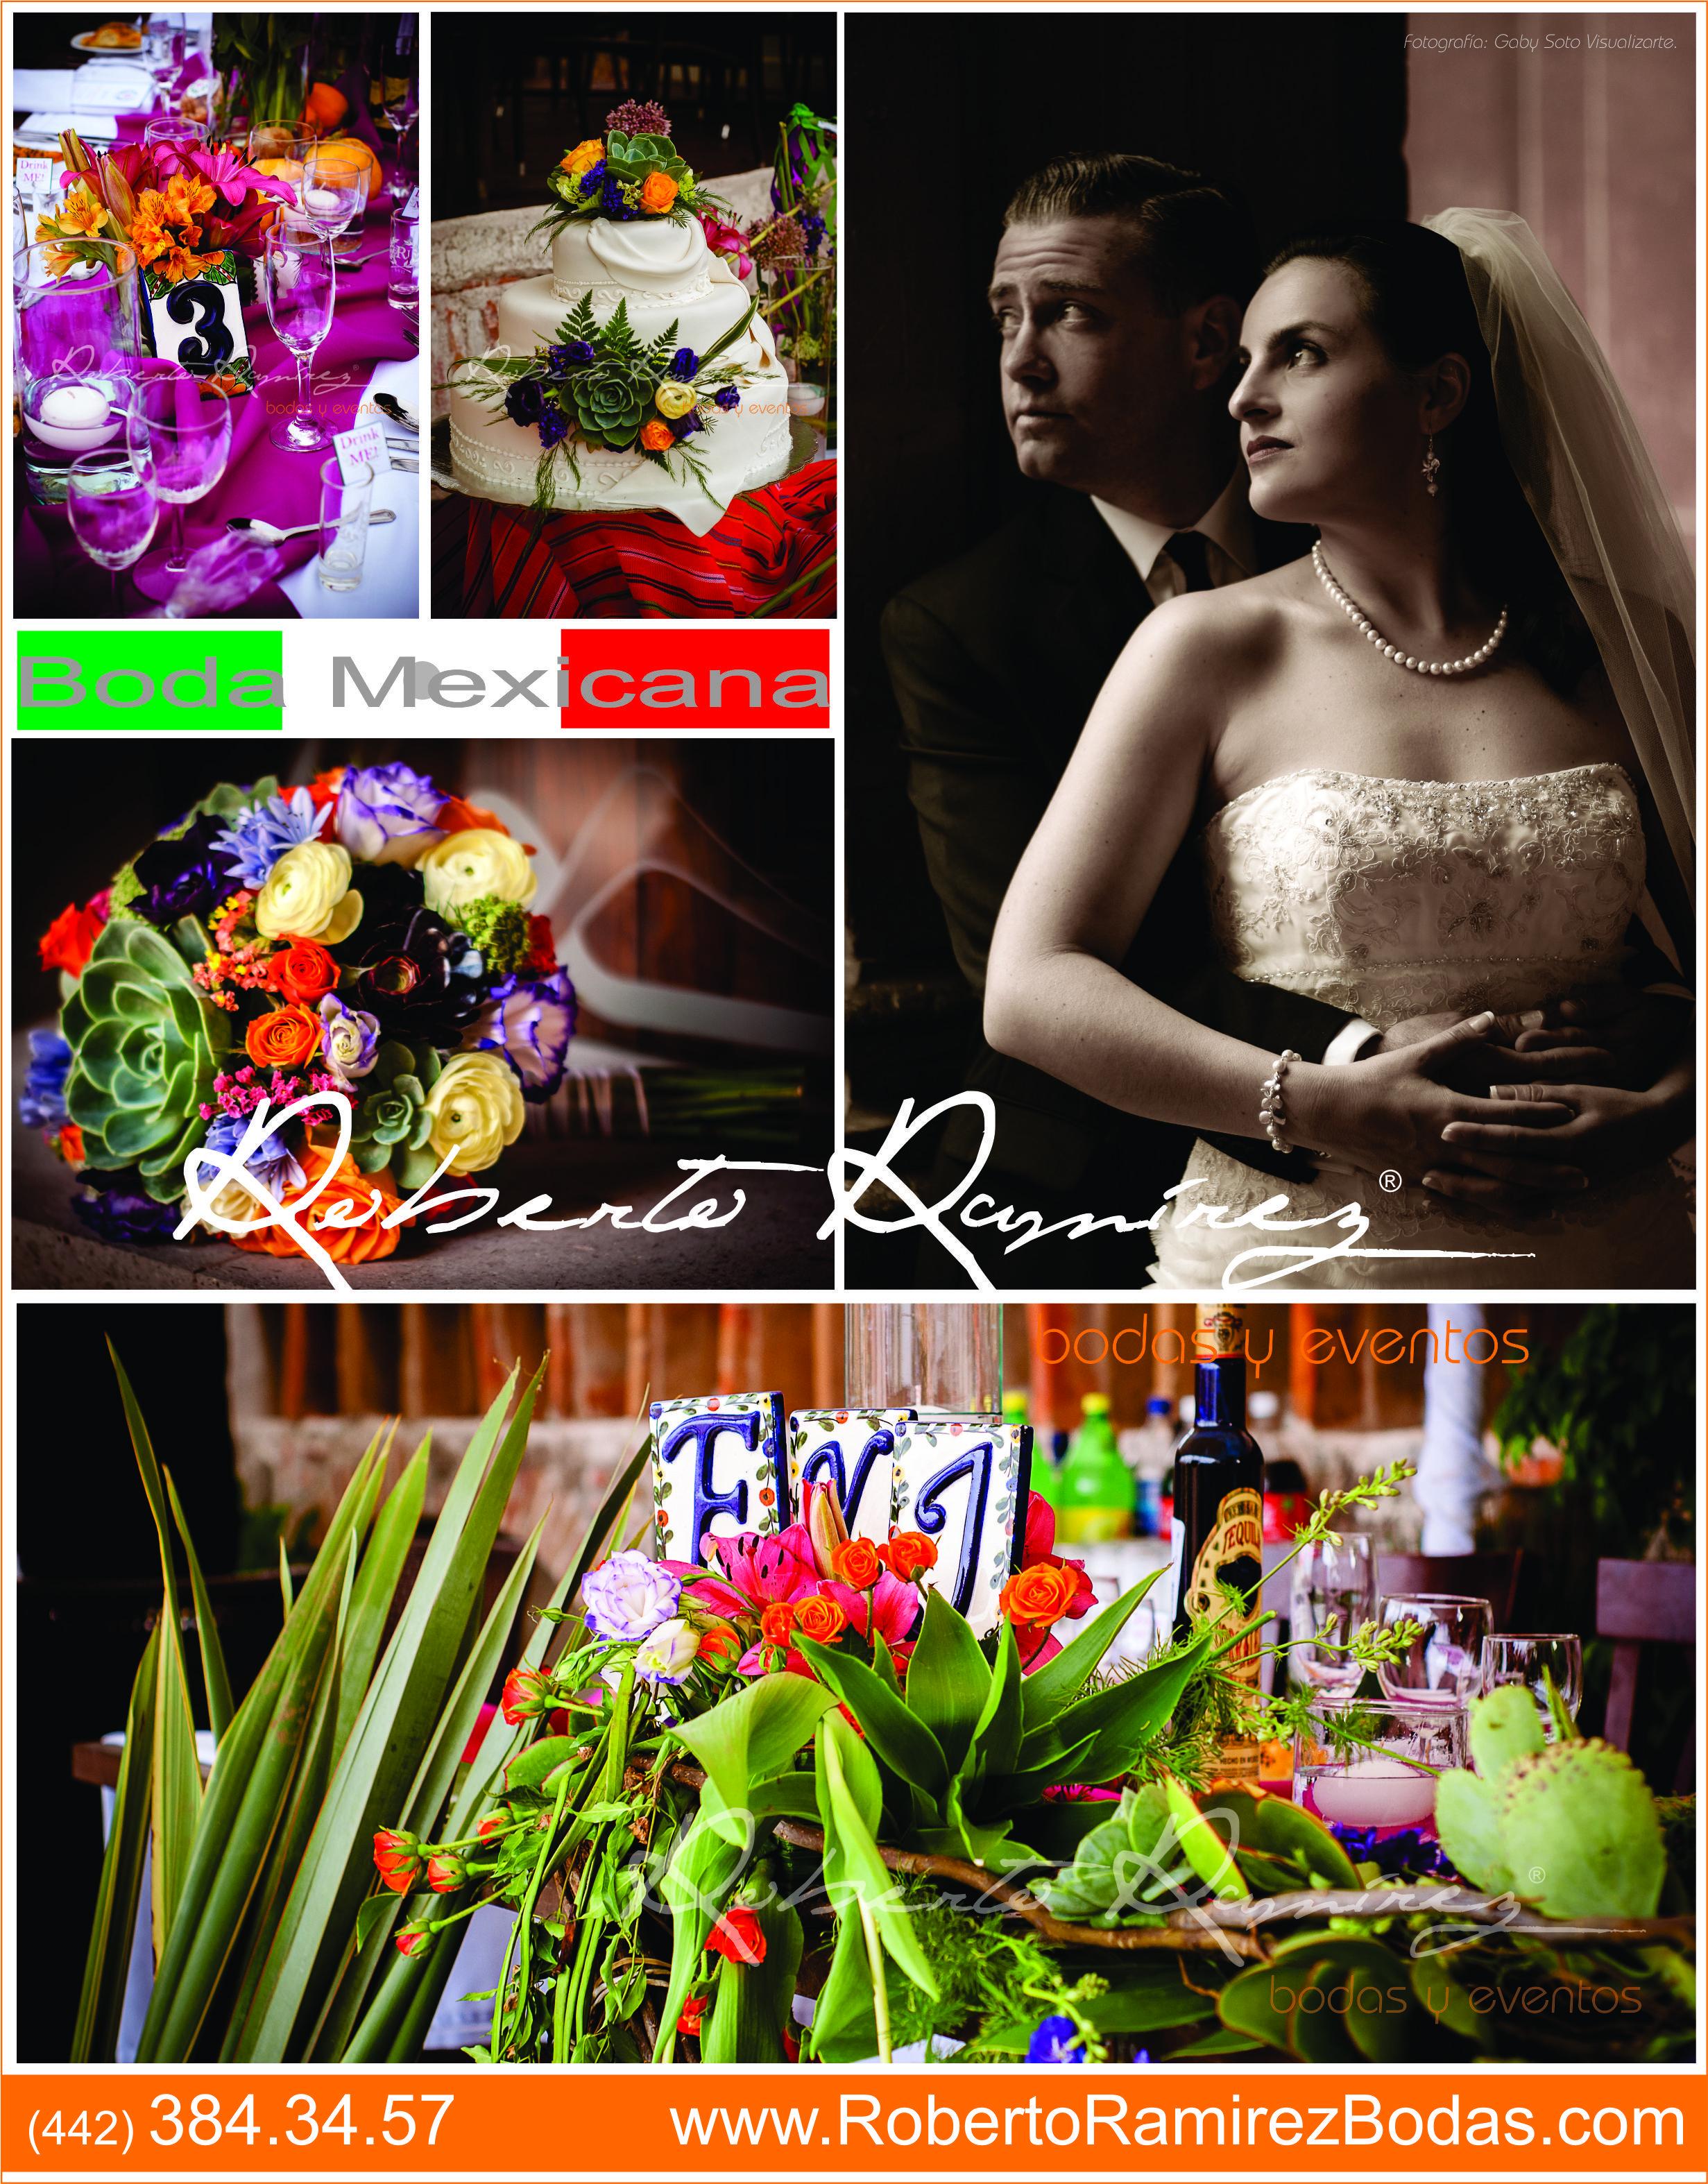 No podía dejar pasar esta fecha tan representativa para todos los #mexicanos, una #BodaMexicana. Mis Novios con una fotografía Vintage, su boda en color verde y #bugambilia, con suculentas, #nopalitos y #plantas de sábila, números de mesa de #talavera, mucha #fruta y por supuesto no podían faltar los #chiles. Que esperas deja #TuBodaenManosExpertas. #VivaMexico #16deSeptiembre #diadelaindependecia #Mexico #mexicanWedding #EsDeNocheMexicana